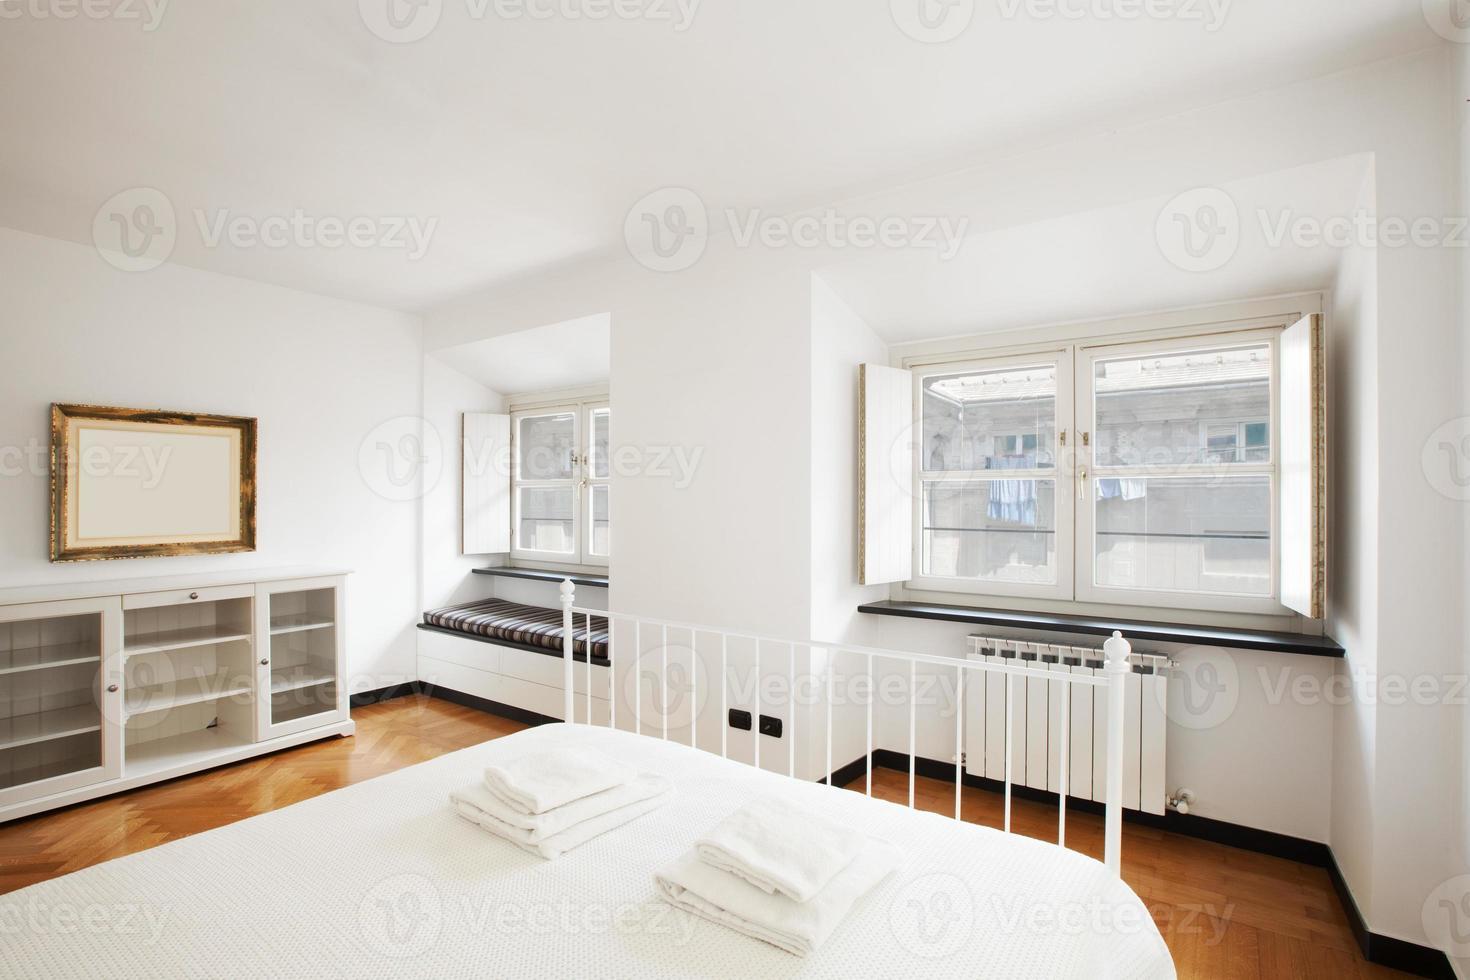 modernes Haus, Wohnung foto